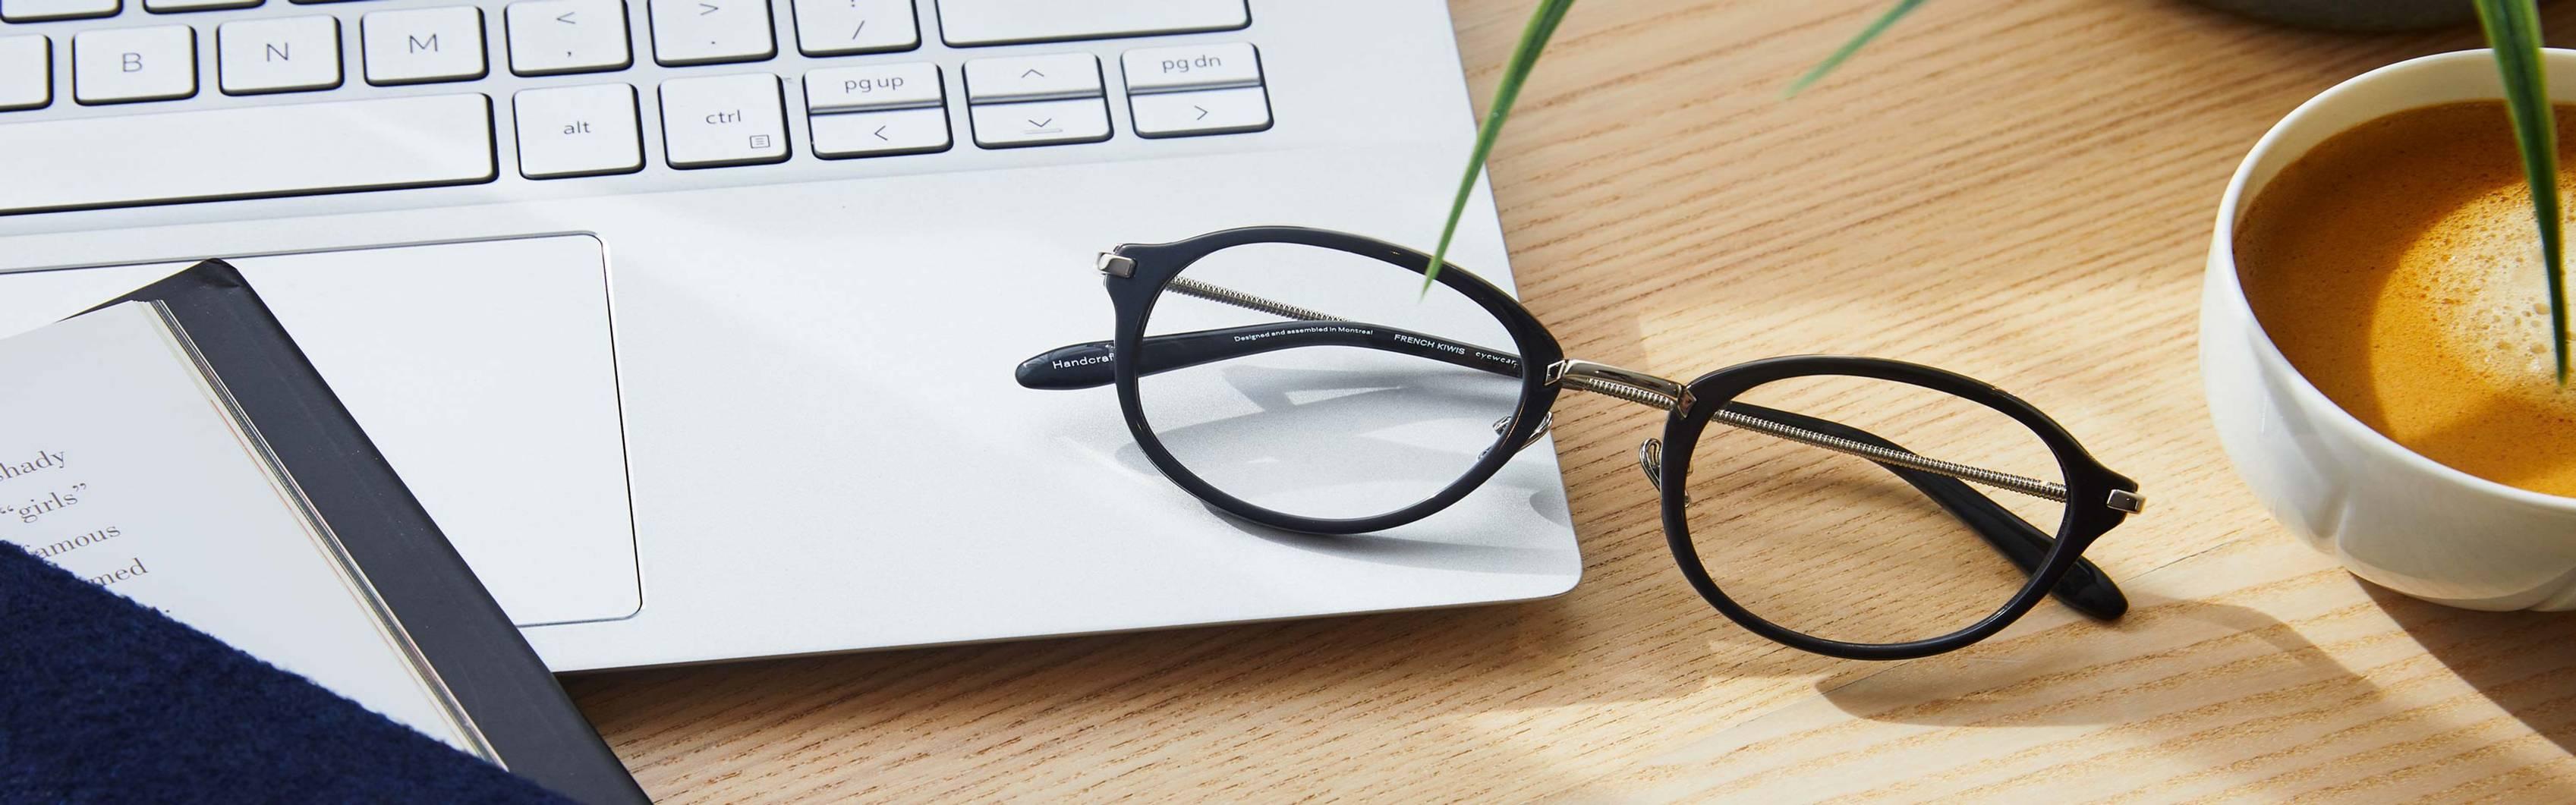 Best Selling Blue Light Glasses